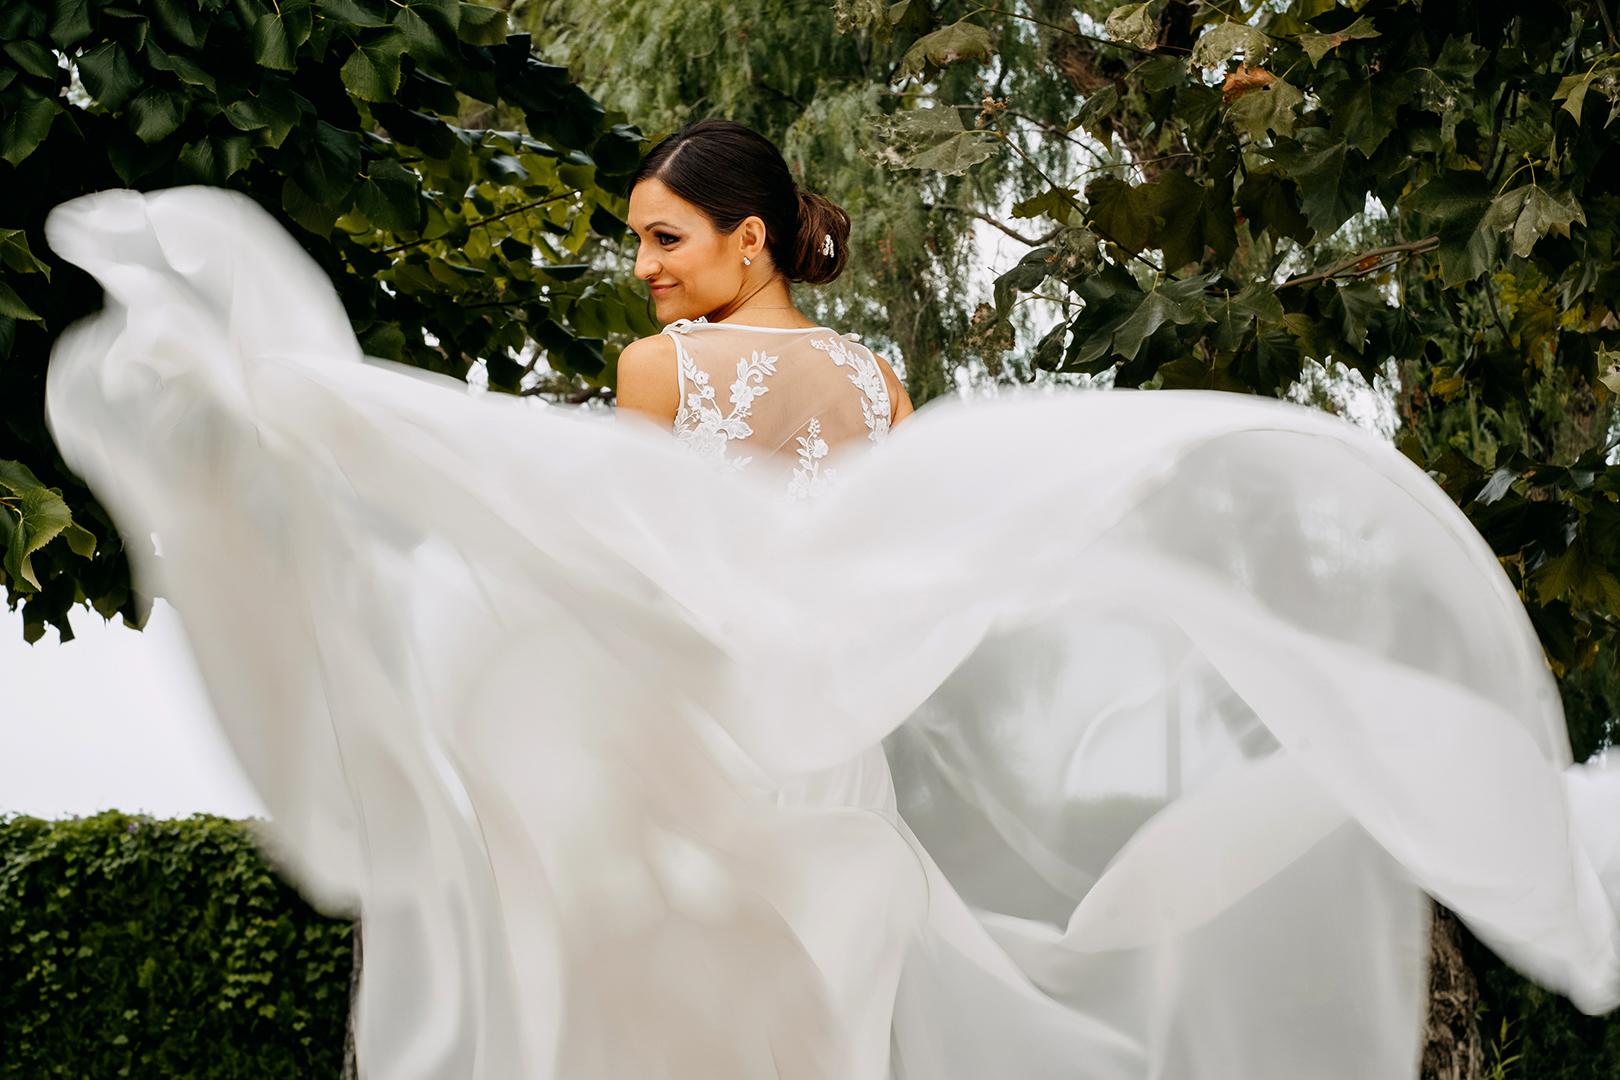 55 gianni-lepore-sposa-foto-vestito